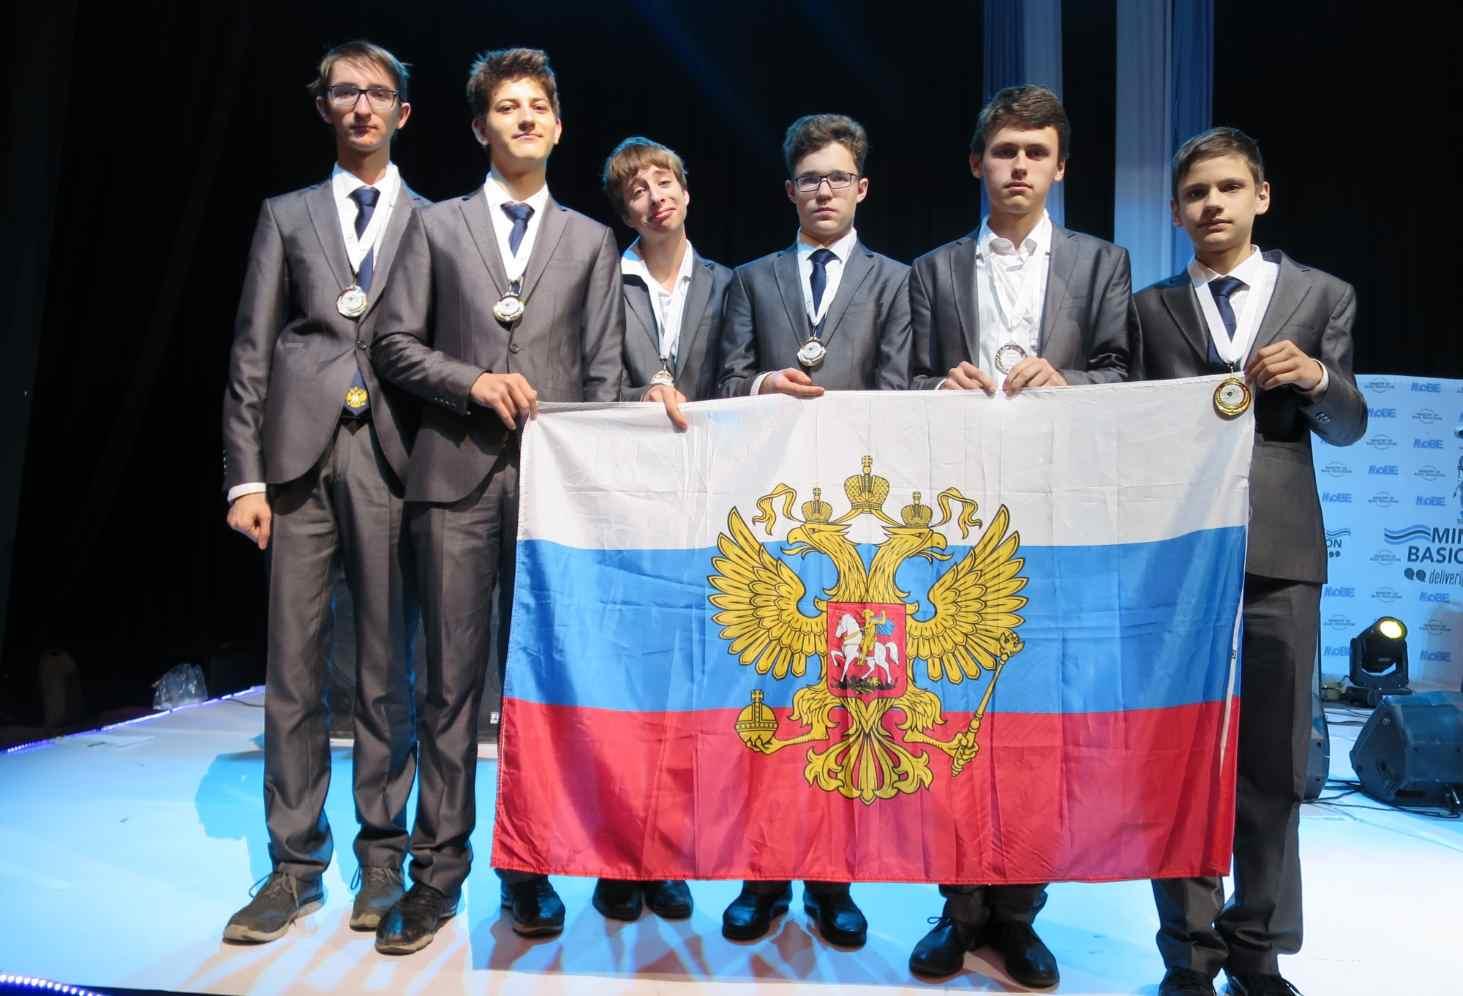 moskovskie-shkolniki-ustanovili-rekord-po-zolotym-medalyam-na-mezhdunarodnyh-olimpiadah